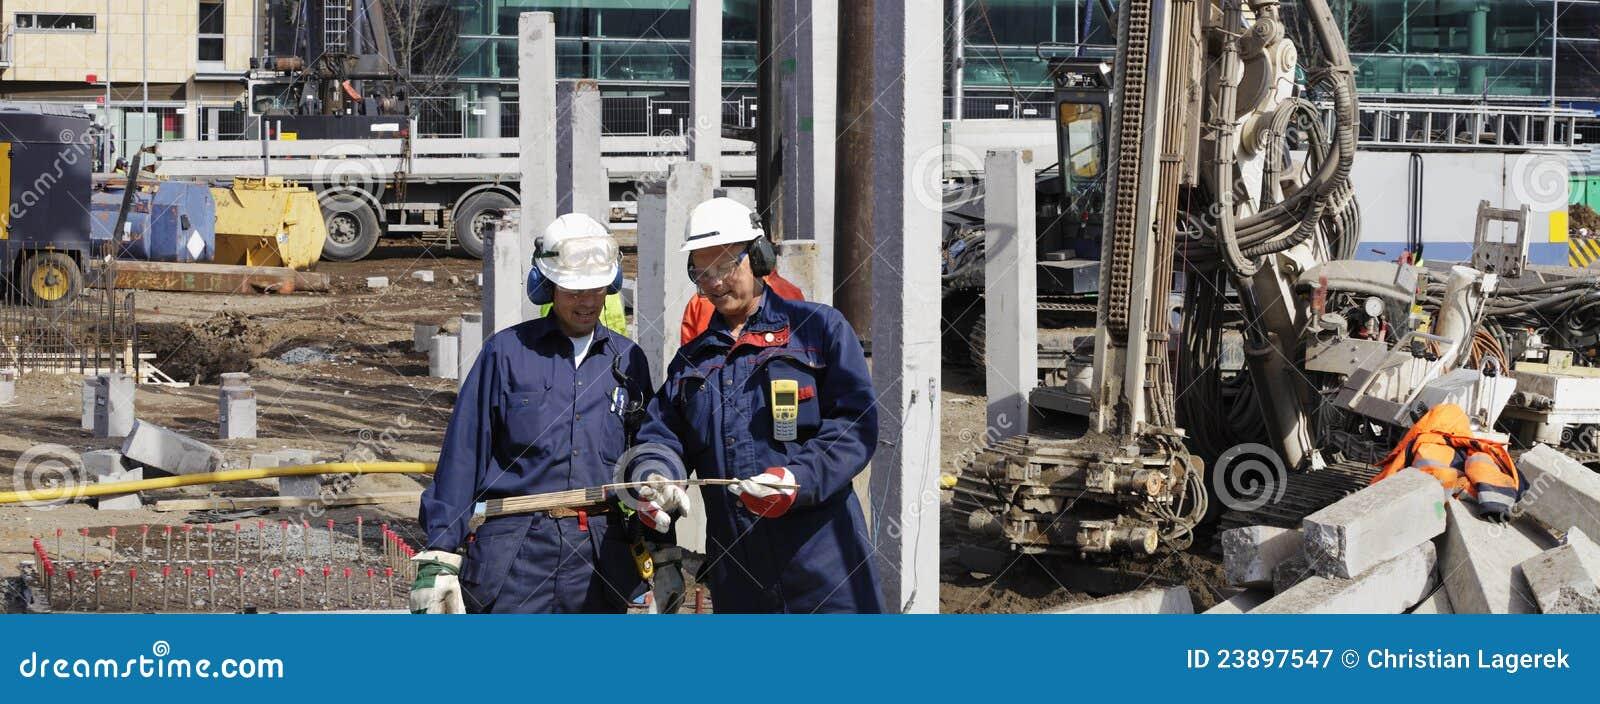 Budowa konstruuje maszyny ciężkie